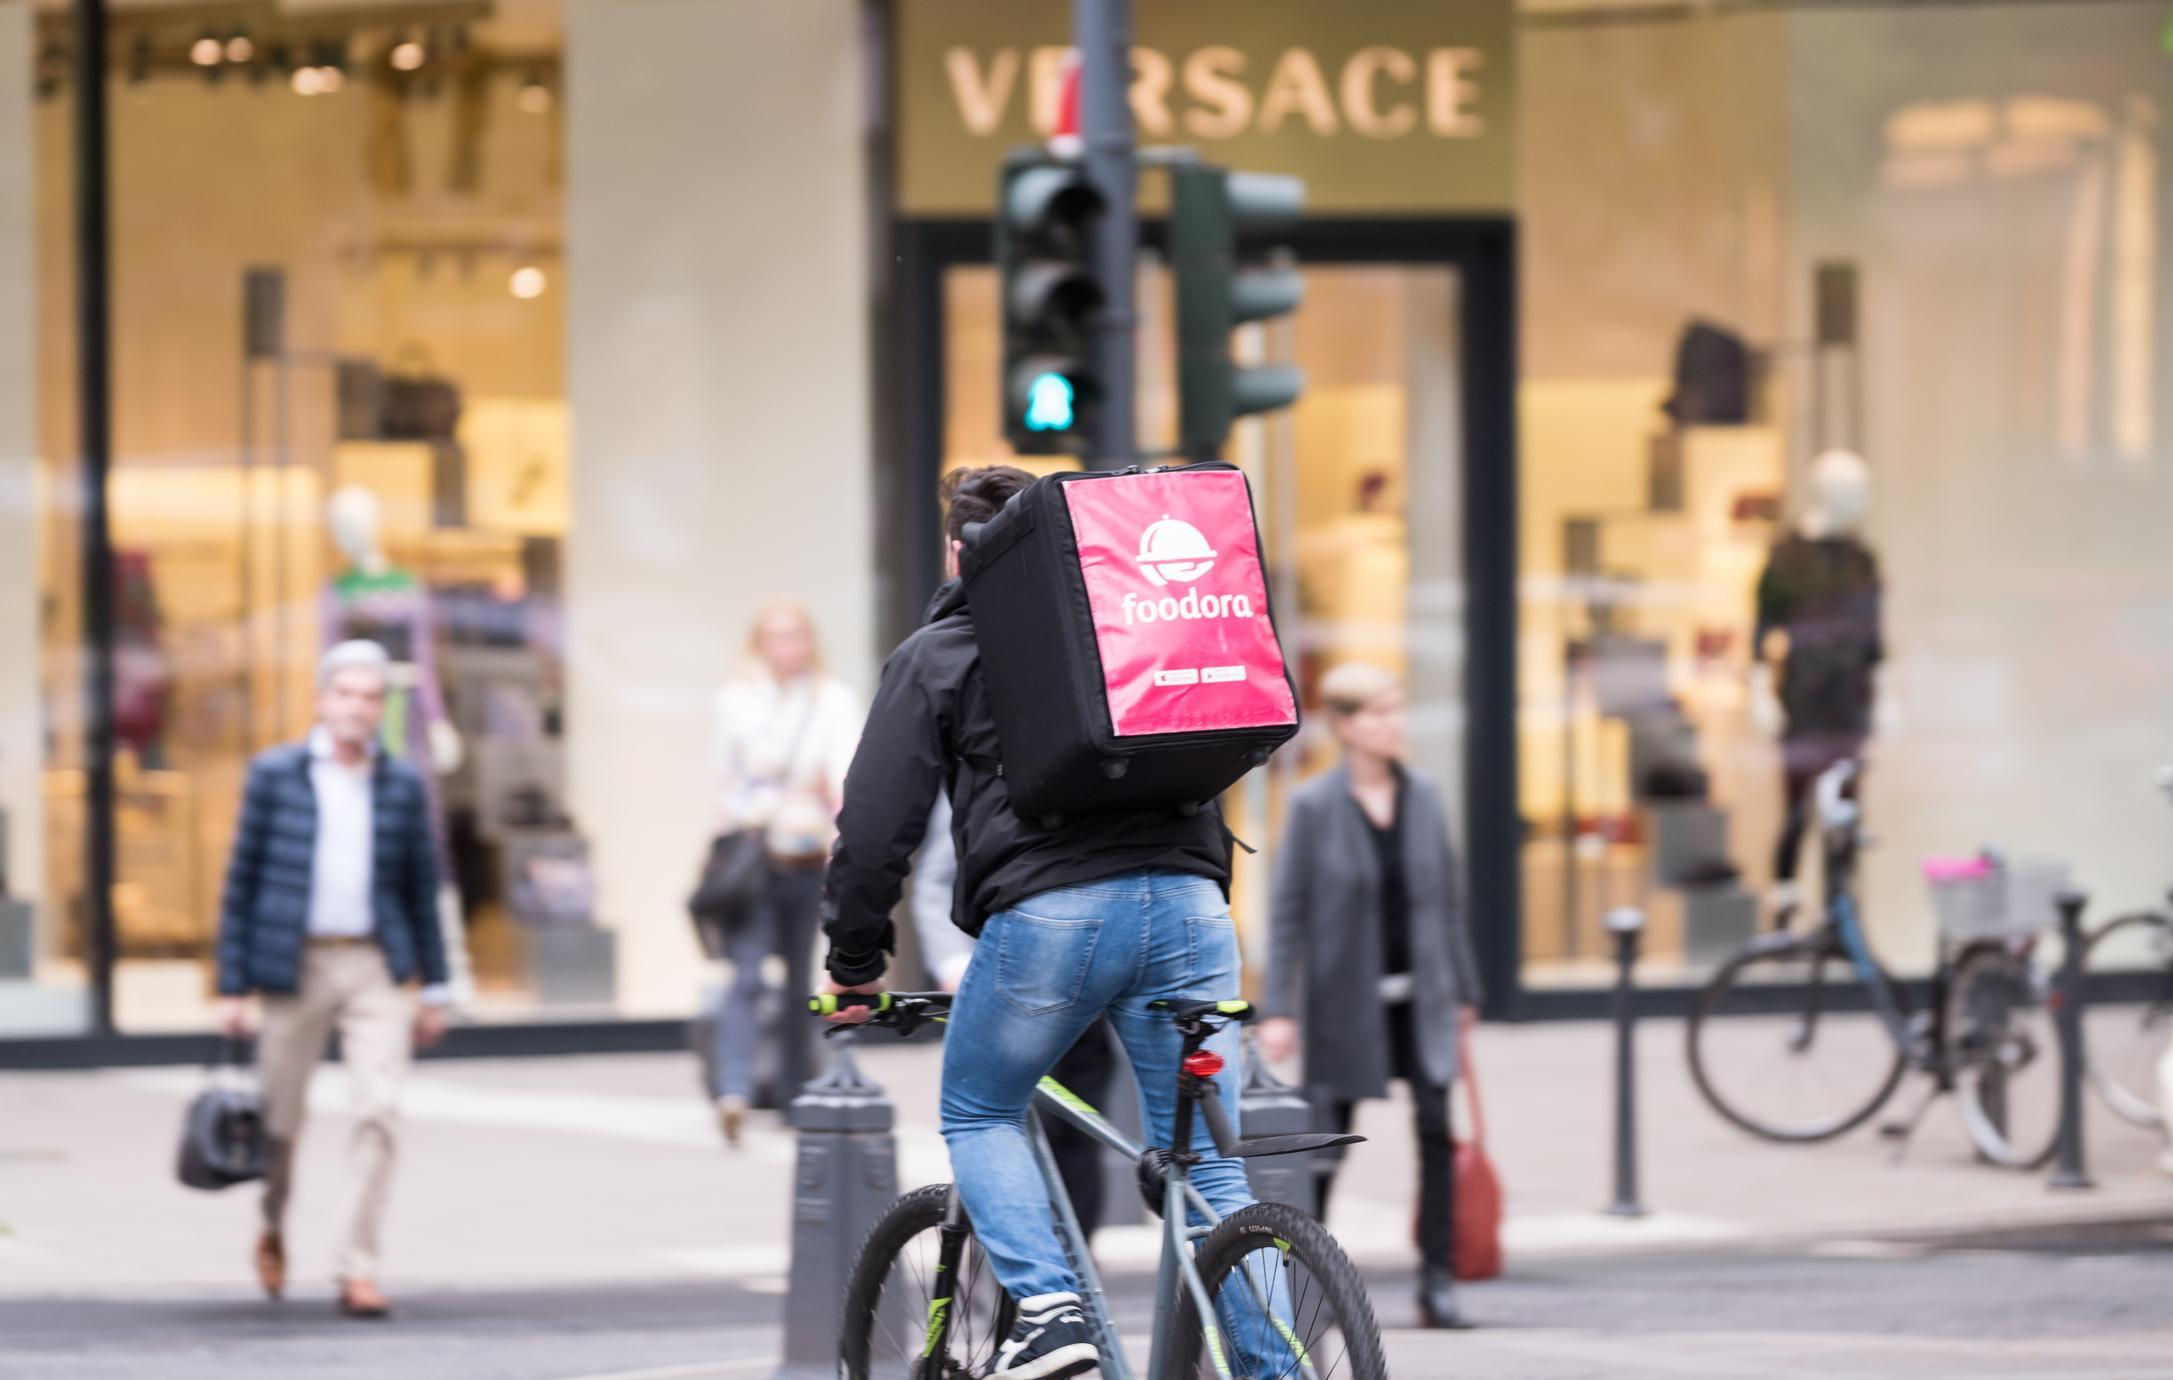 Foodora-pyörälähetti ylittää Königsalleen Düsseldorfissa, Saksassa.